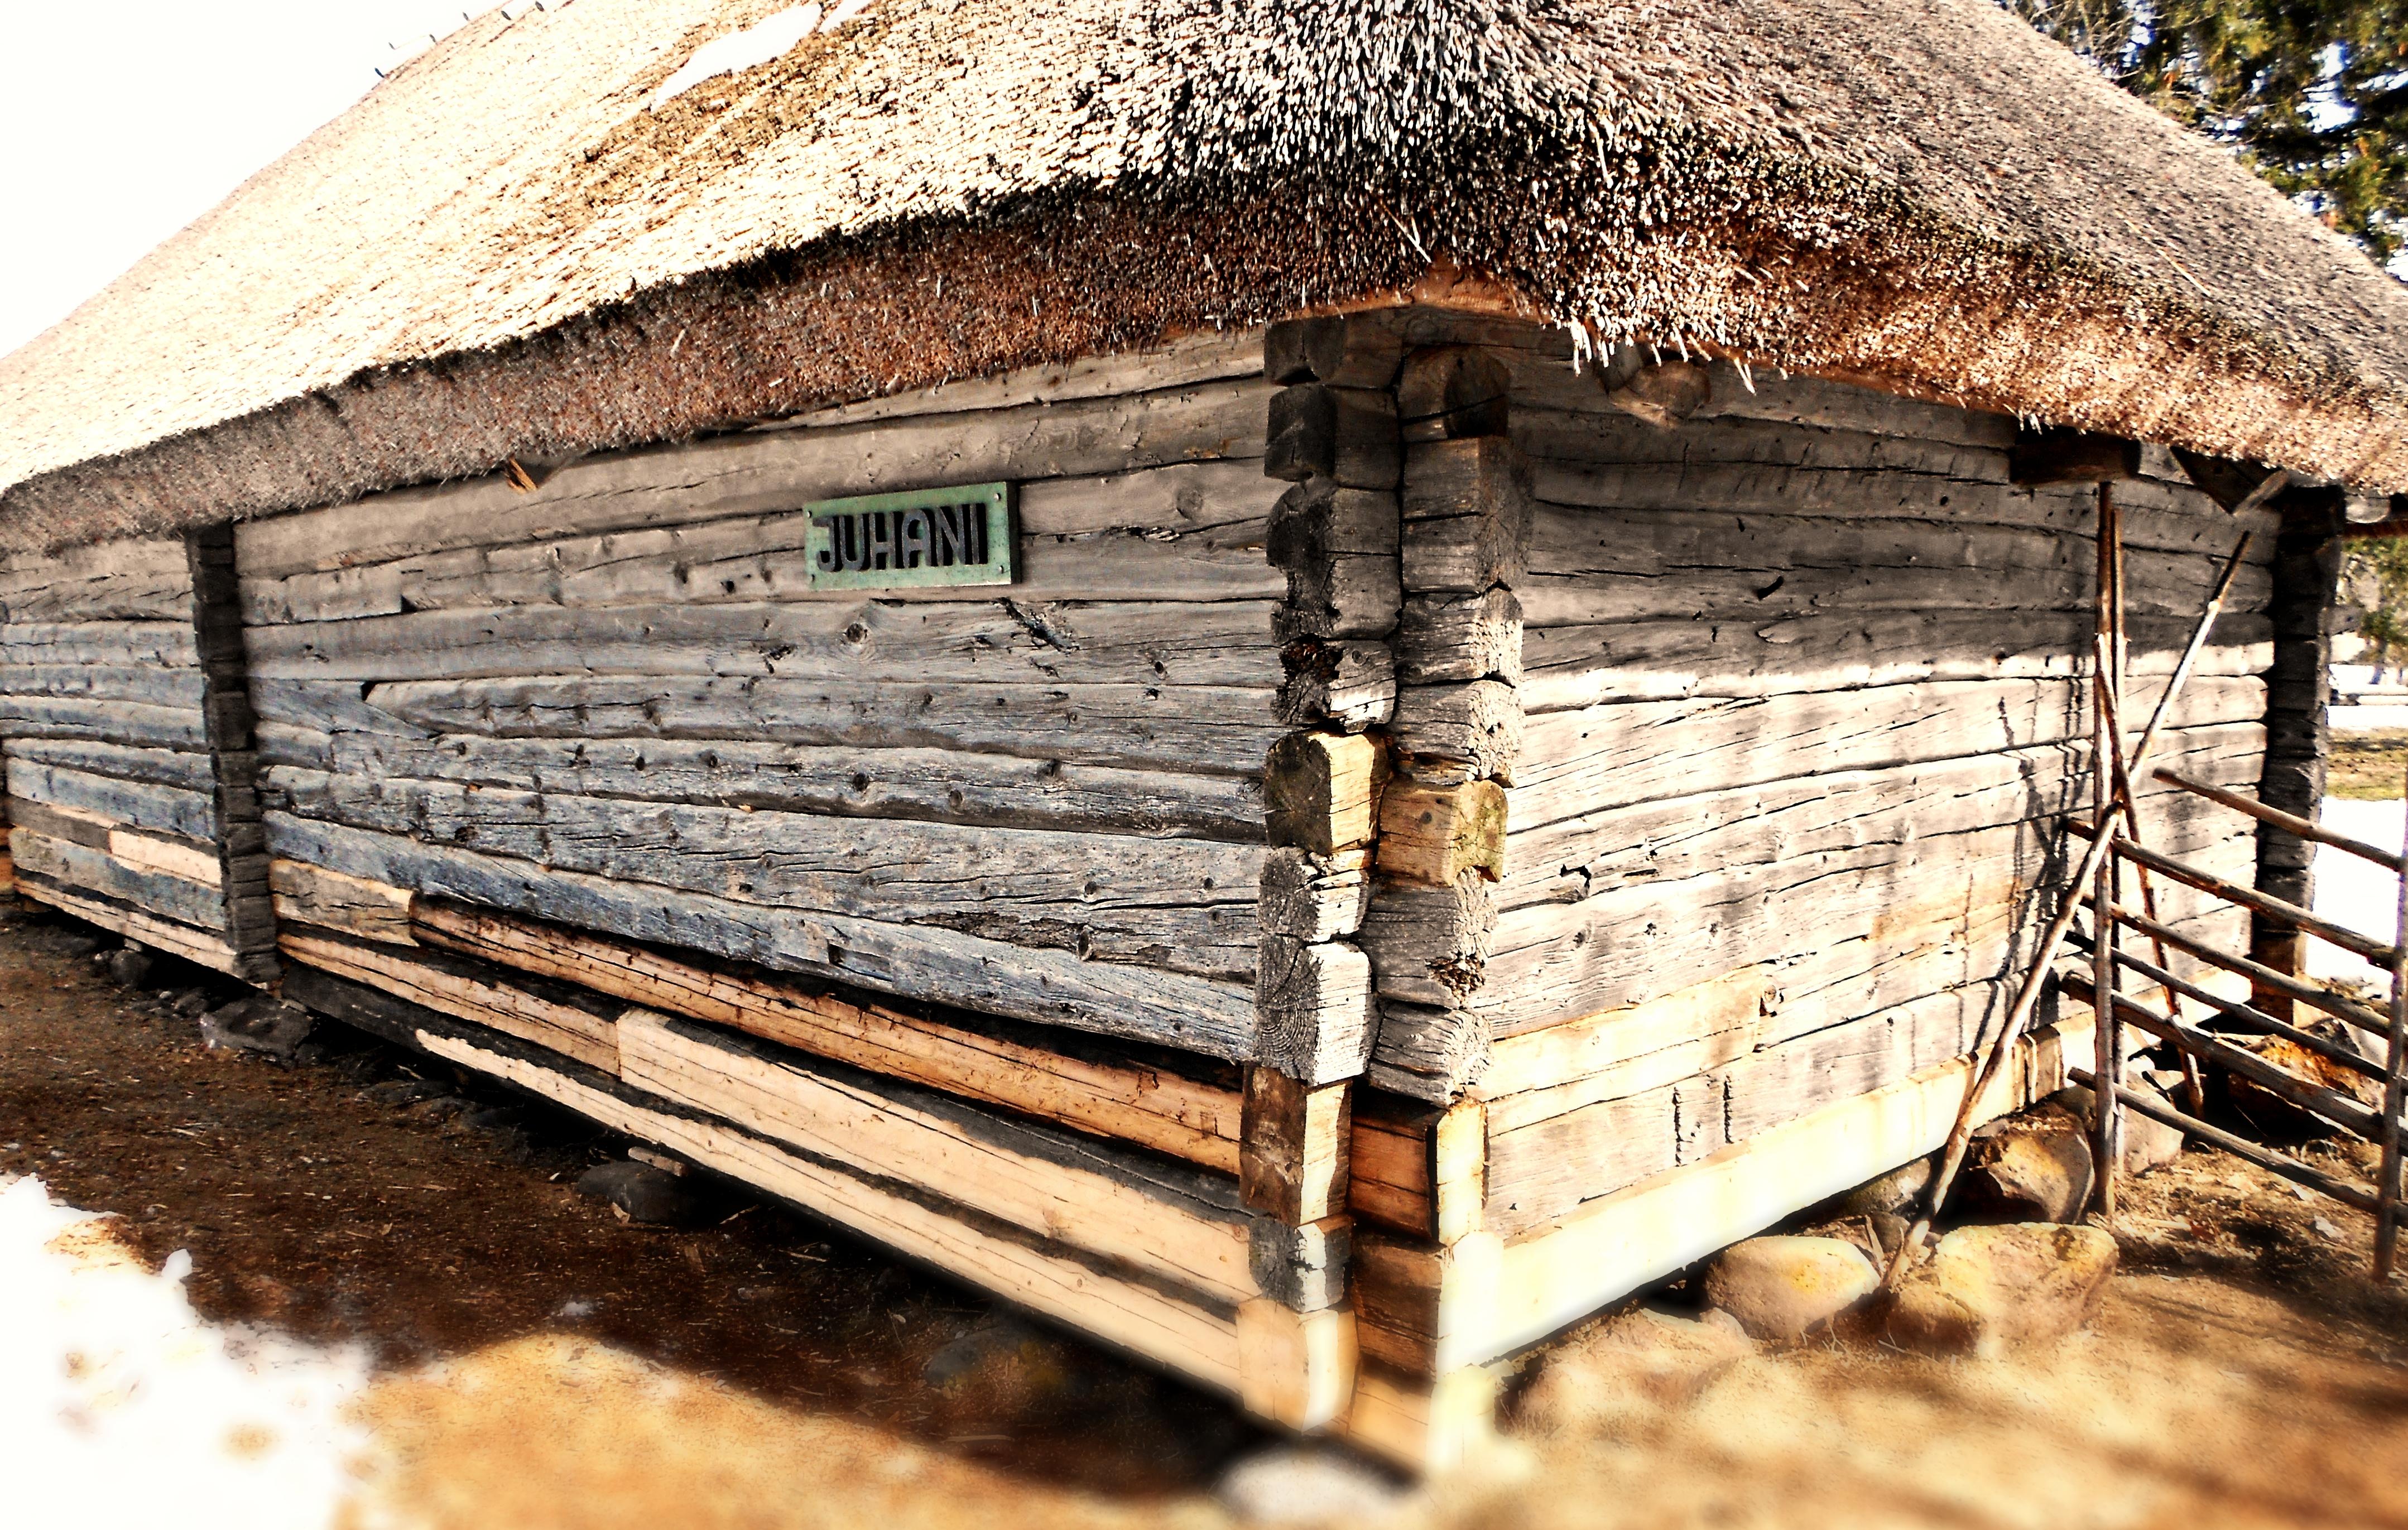 restaureerimine, ait, rehielamu, eesti traditsiooniline arhitektuur, käsitöö